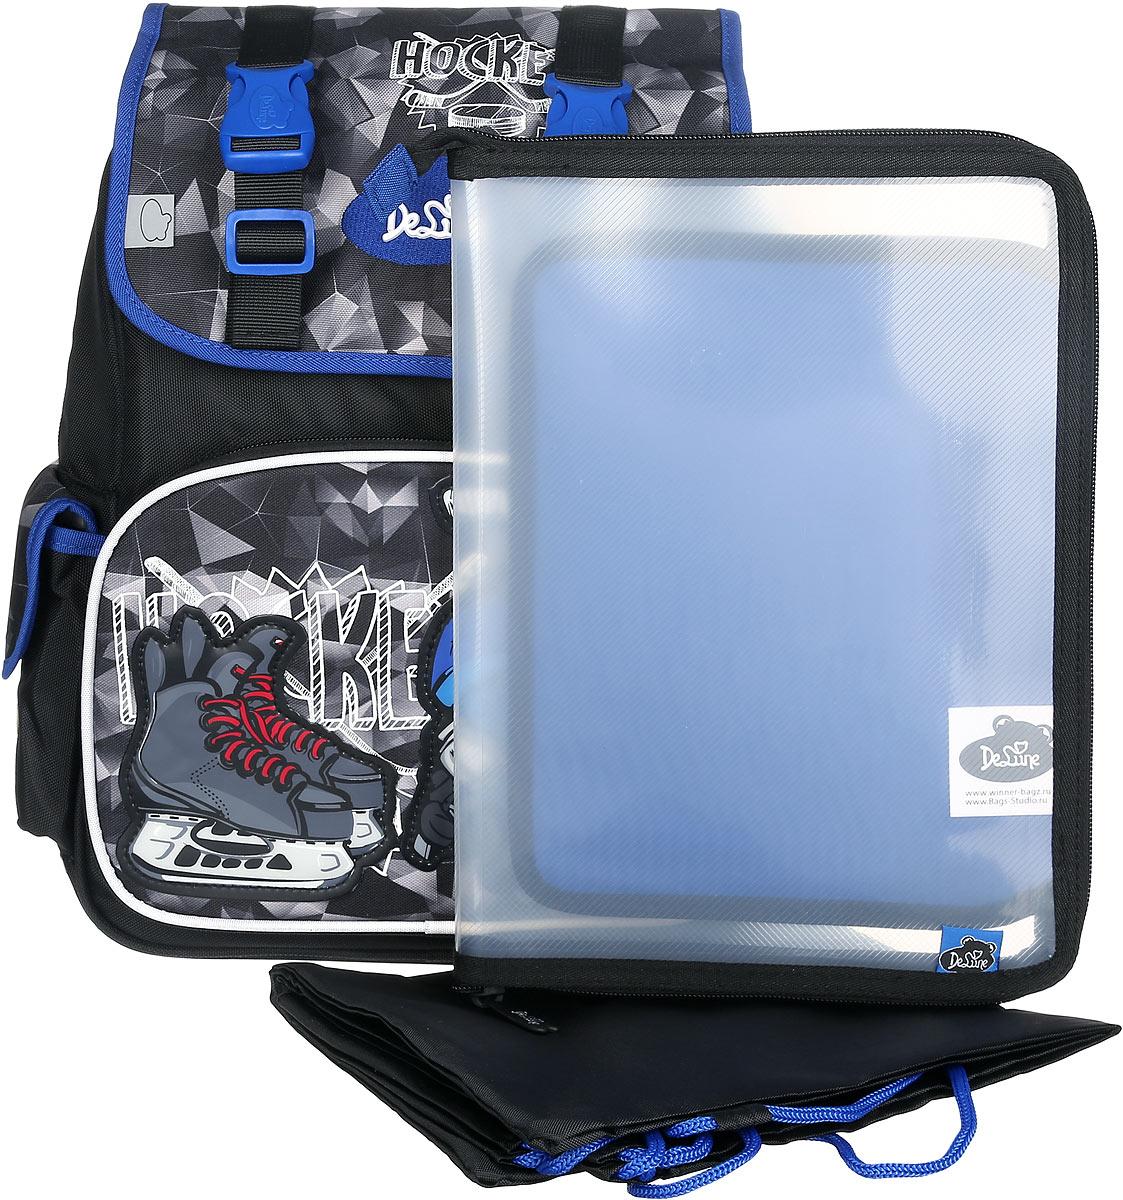 DeLune Рюкзак детский Hockey с наполнением цвет черный синий 2 предмета52-12Детский рюкзак DeLune Hockey имеет мягко-каркасную форму. Эта уникальная технология, позволяющая держать форму даже при полностью пустом рюкзаке, не прогибается и не меняет форму под весом. Эргономичная спинка имеет достаточно жесткий каркас, но при этом очень мягкая и приятная снаружи, что обеспечивает комфортное ношение и защиту спины ребенка. Рюкзак содержит два вместительных отделения, закрывающиеся на застежки-молнии и клапаном на липучке. Высококачественные молнии известной фирмы SBS. В наибольшем отделении находятся две перегородки для тетрадей, фиксирующиеся резинкой, а также три открытых сетчатых кармана и нашивная бирка для заполнения личных данных владельца. Дно рюкзака можно сделать более устойчивым, разложив специальную панель. Внутреннее оснащение рюкзака разработано по специальной системе распределения вещей Open access, что позволяет удобно распределить школьные принадлежности ребенка. Лицевая сторона рюкзака оснащена накладным...